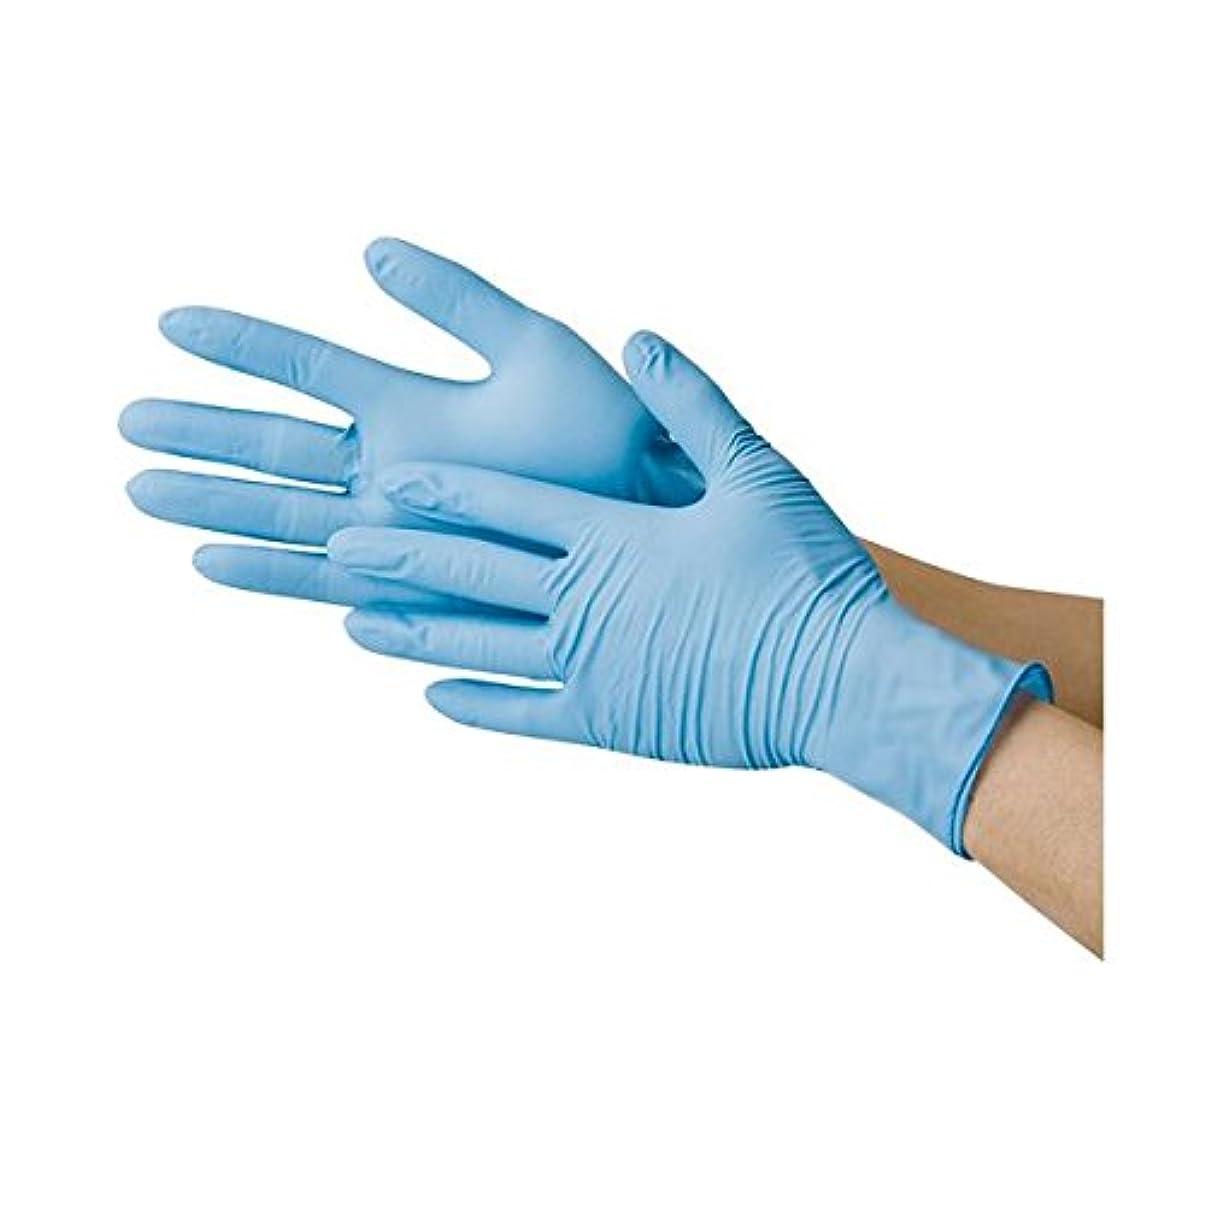 プレゼンターペルー幻滅する(業務用20セット) 川西工業 ニトリル極薄手袋 粉なし BS #2039 Sサイズ ブルー ダイエット 健康 衛生用品 その他の衛生用品 14067381 [並行輸入品]